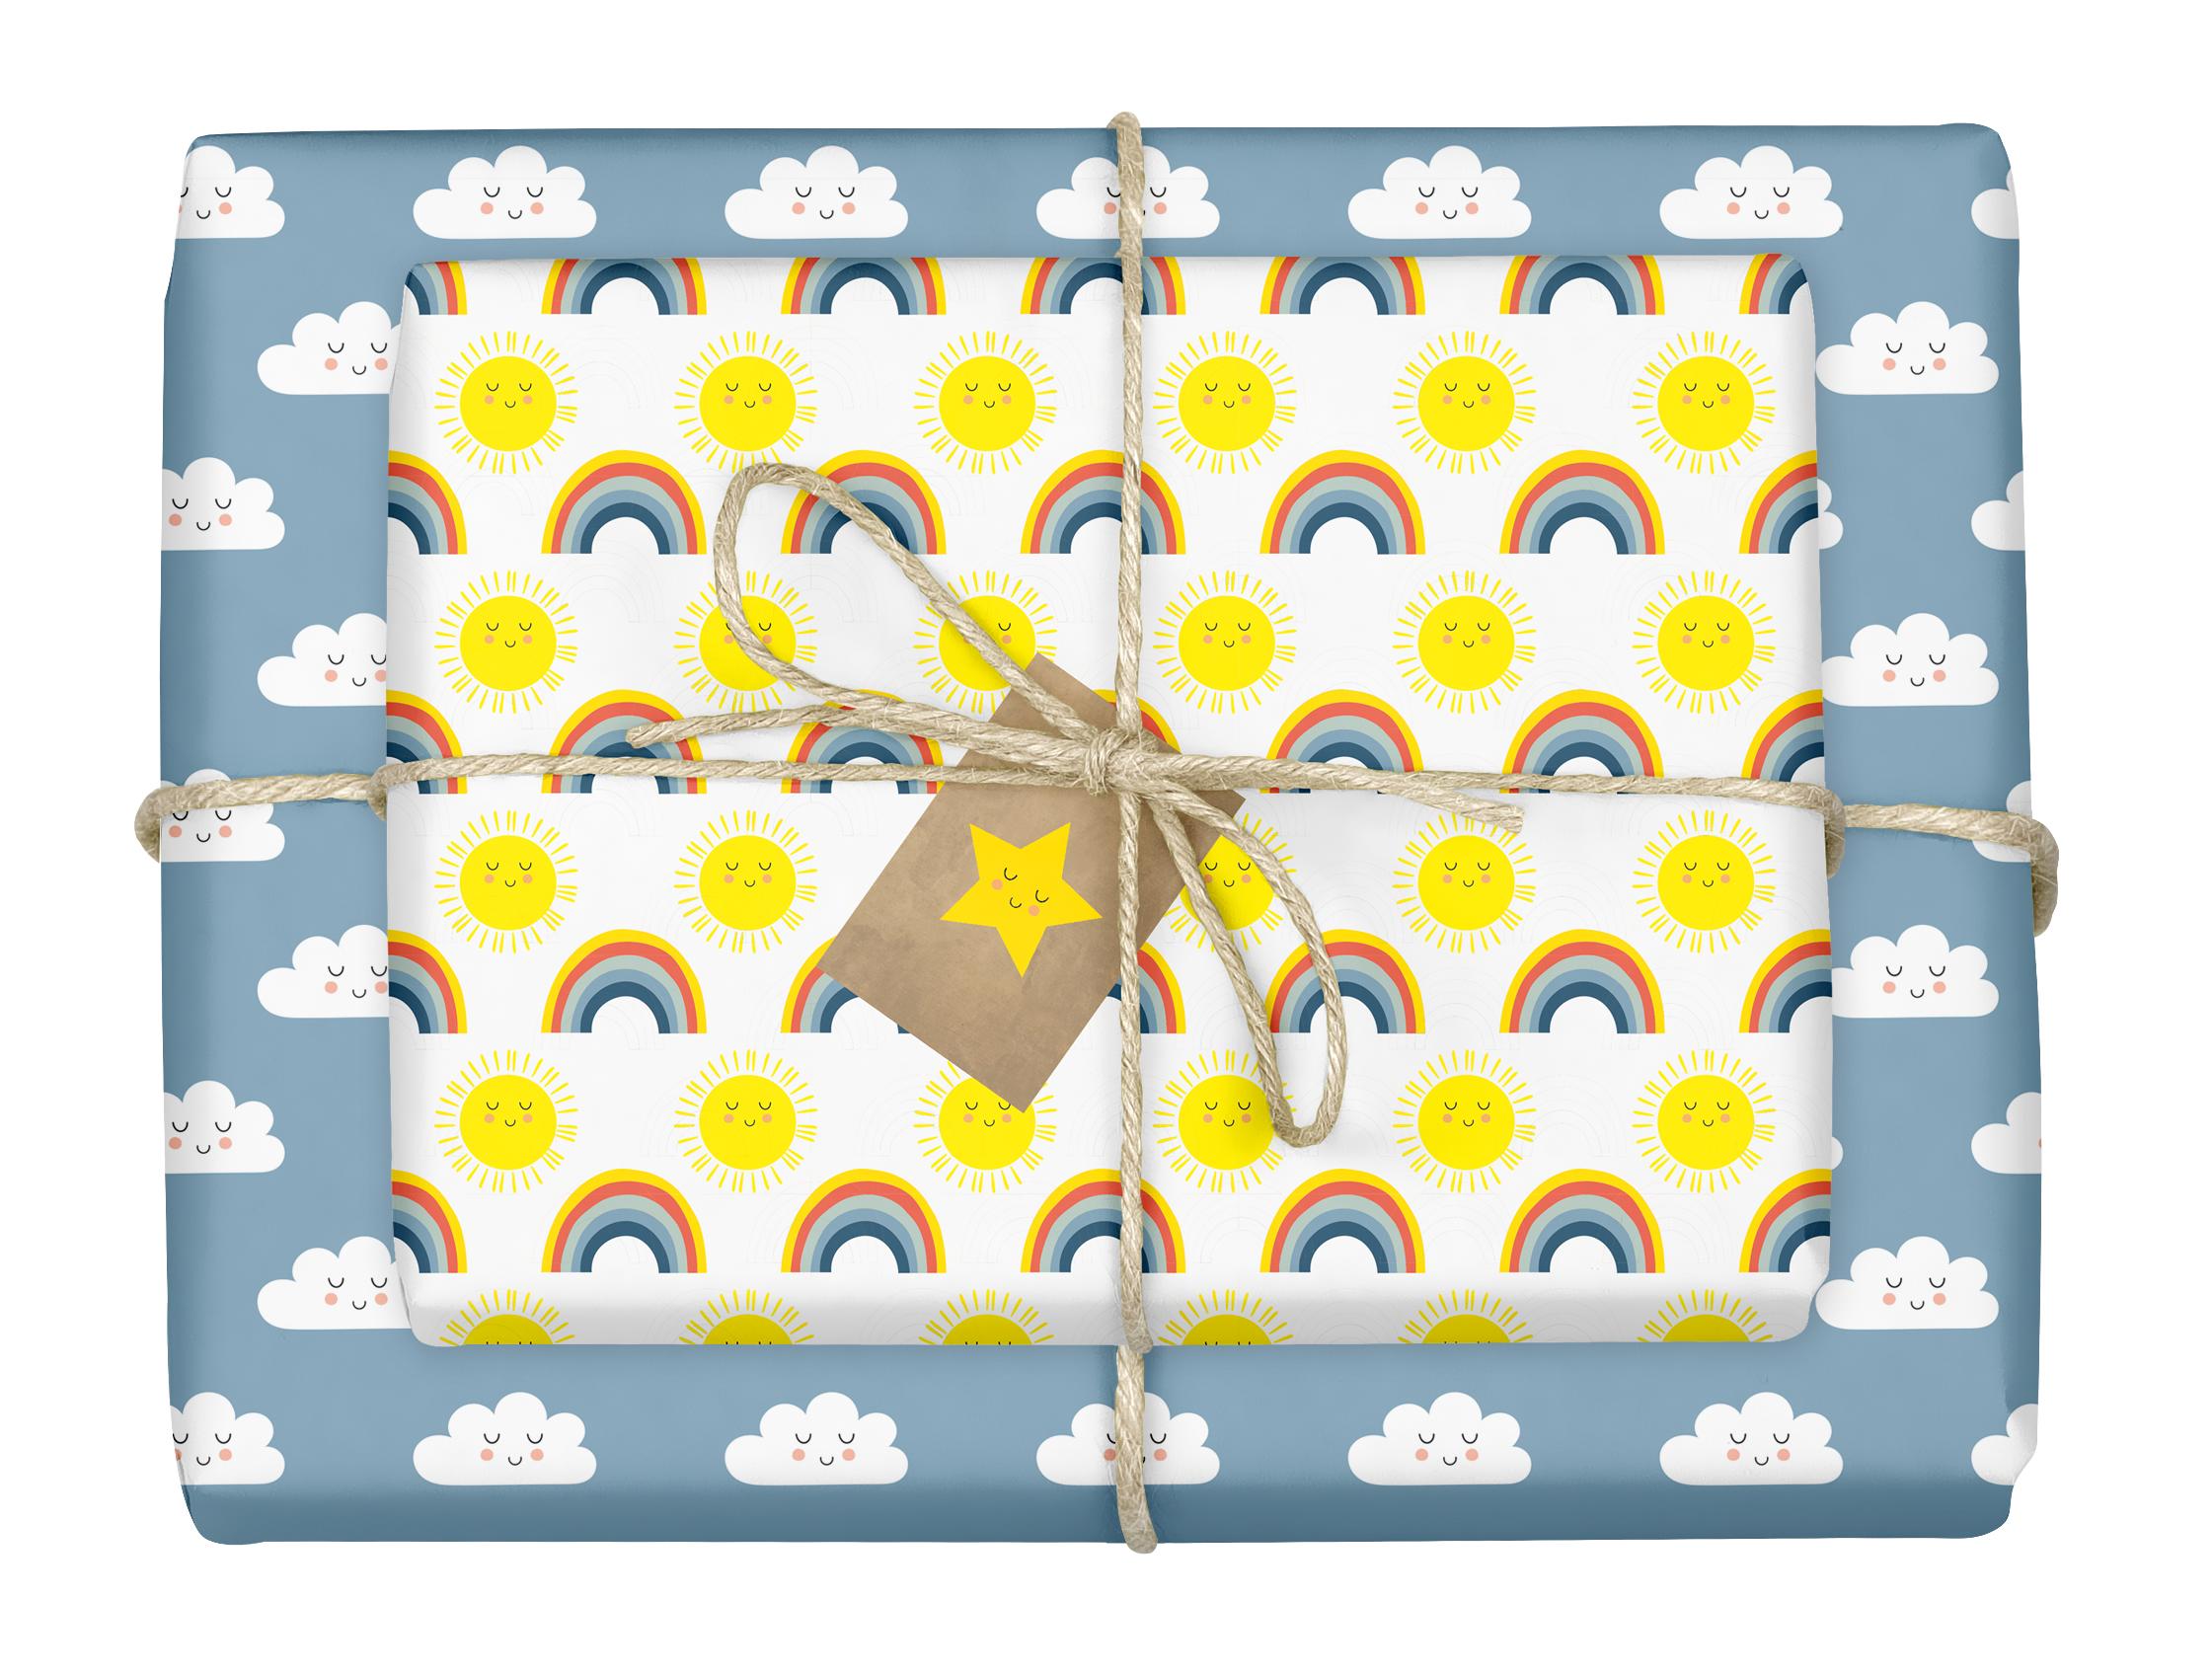 regenbogen_geschenkpapier_set_kinder-geburtstag_baby_geburt_maedchen_junge_bunt_wolken_blau_sonne_gelb_dabelino_recyclingpapier_01.jpg